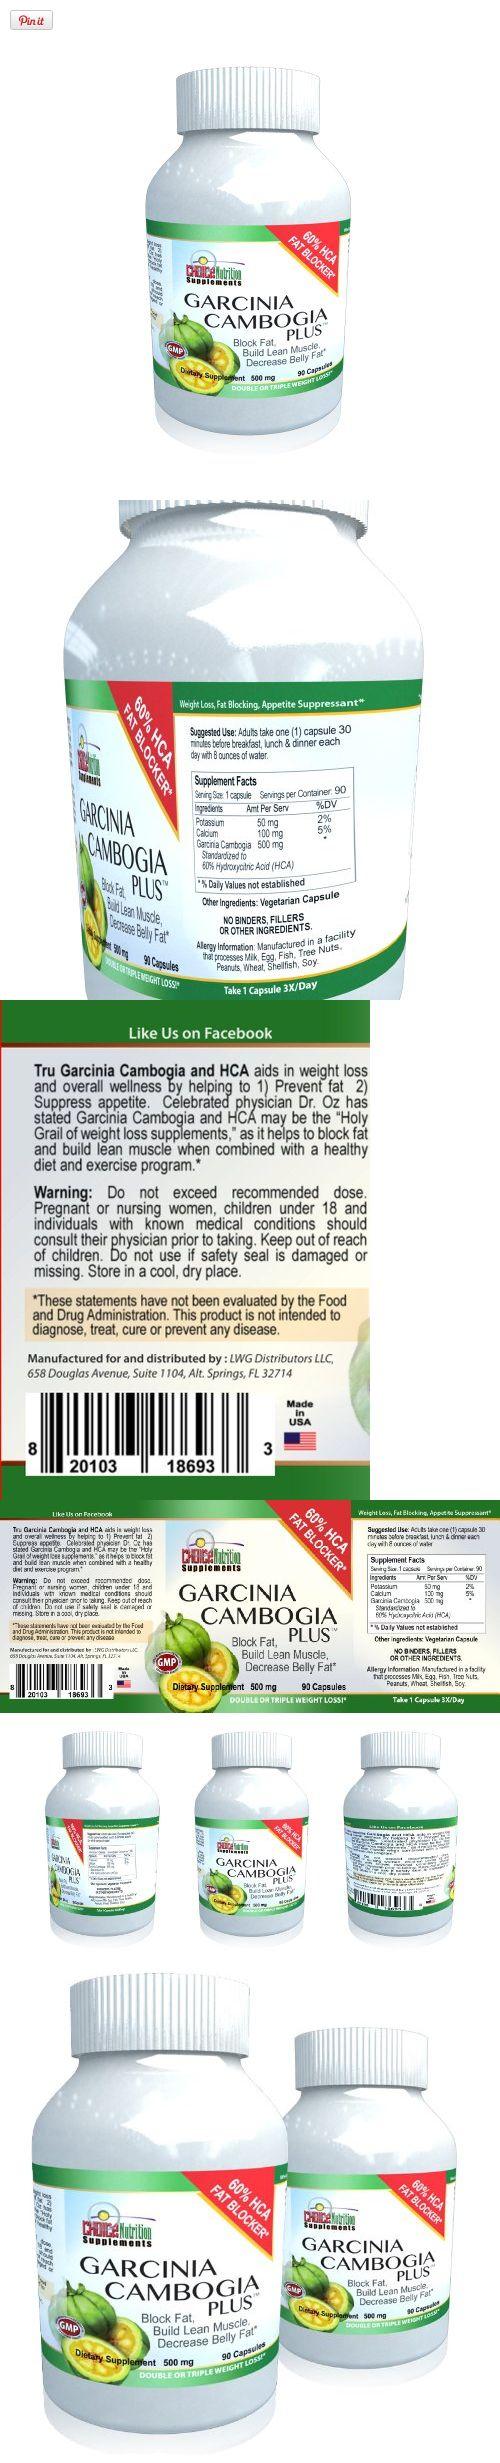 Garcinia Cambogia Plus Potassium and Calcium- Pure Extract - 60% HCA